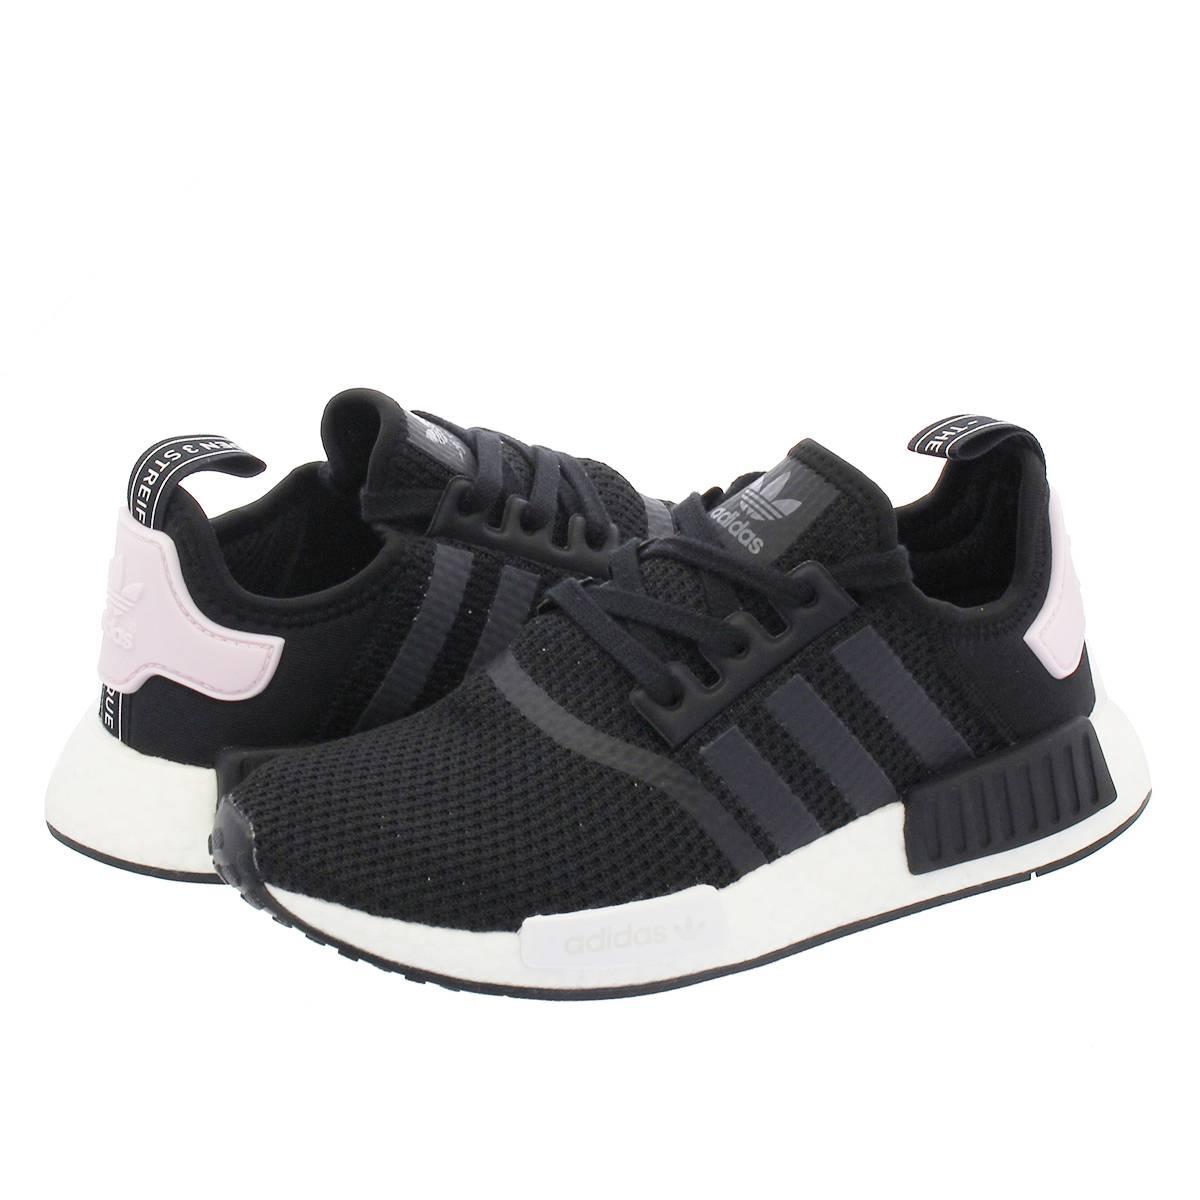 separation shoes a856d e78b8 http   respond.hardkore79.com compressed dkjtj ...